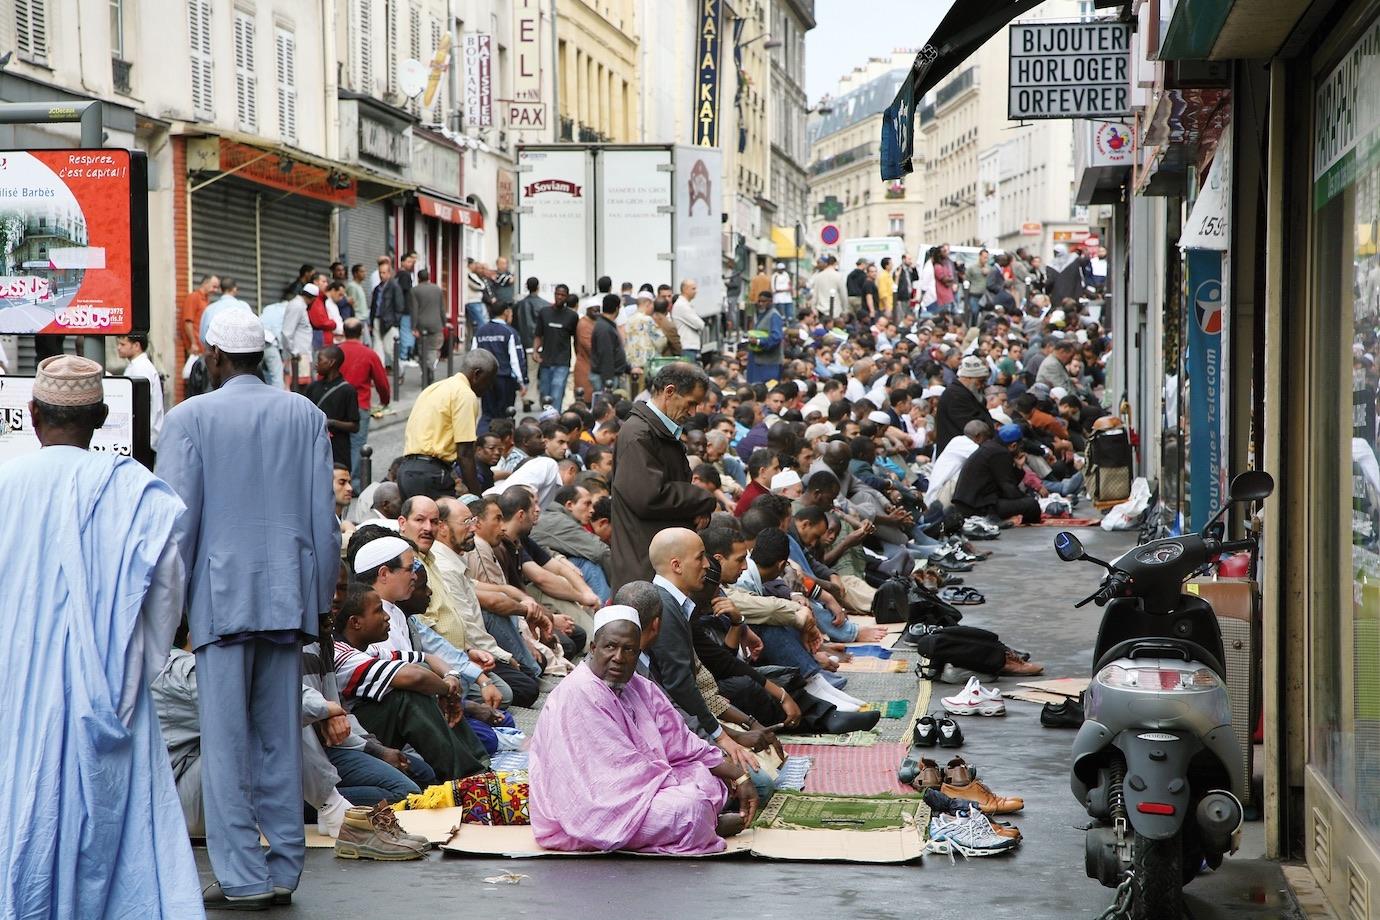 Barbés - Rochechouart, Paris. Crédito: Alamy